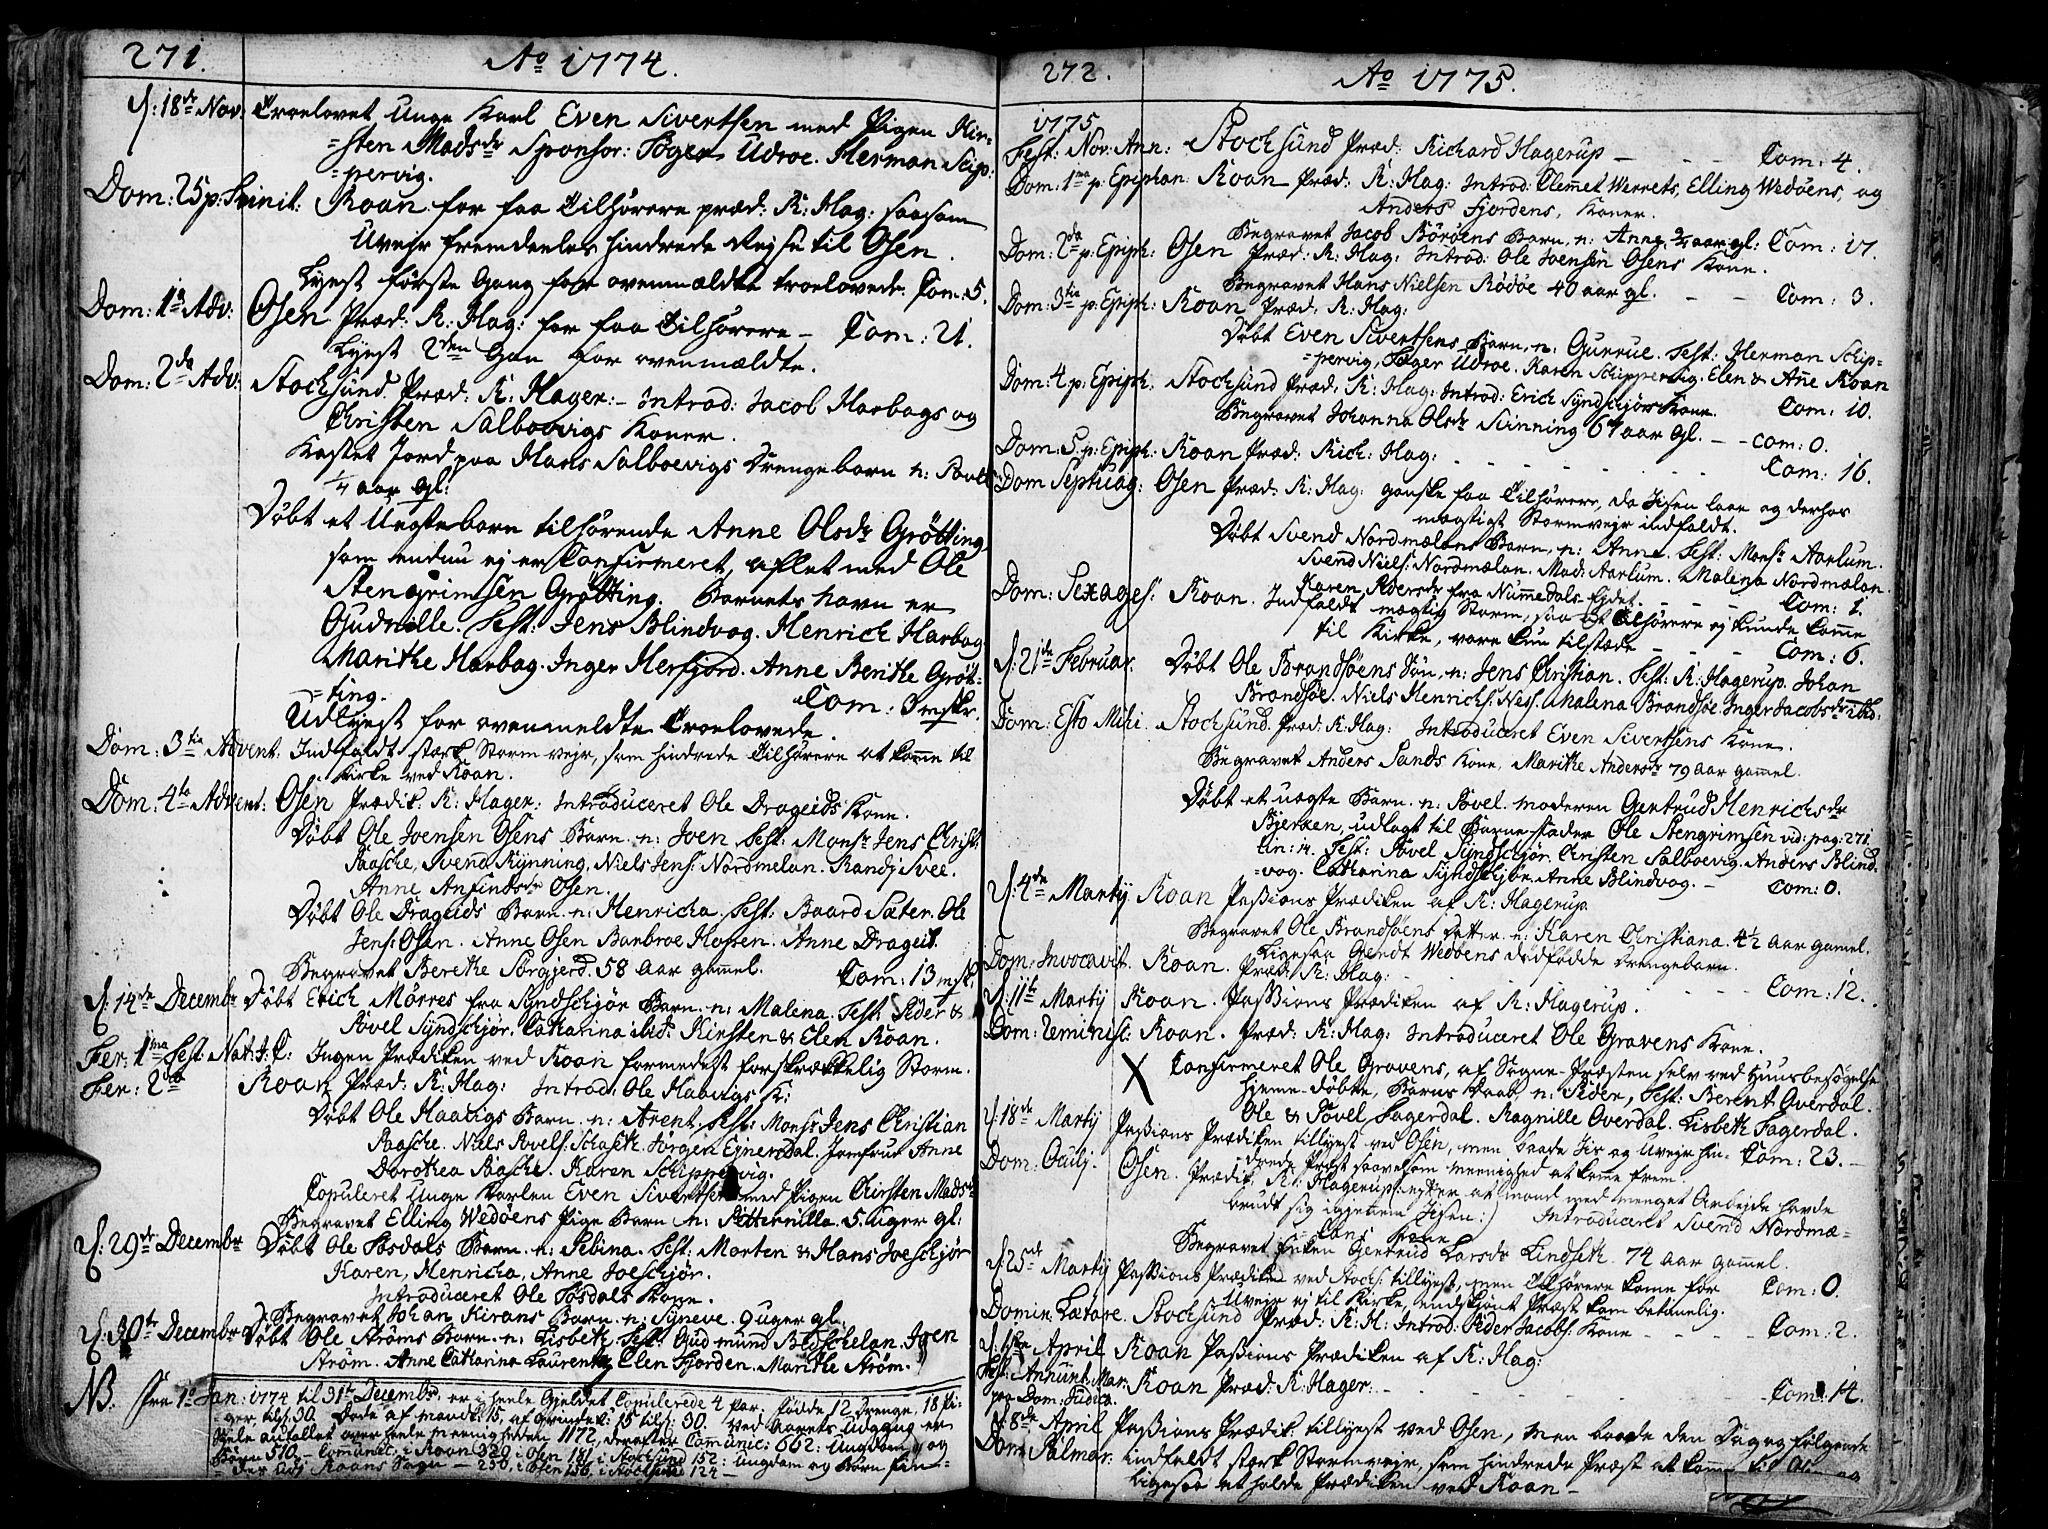 SAT, Ministerialprotokoller, klokkerbøker og fødselsregistre - Sør-Trøndelag, 657/L0700: Ministerialbok nr. 657A01, 1732-1801, s. 271-272